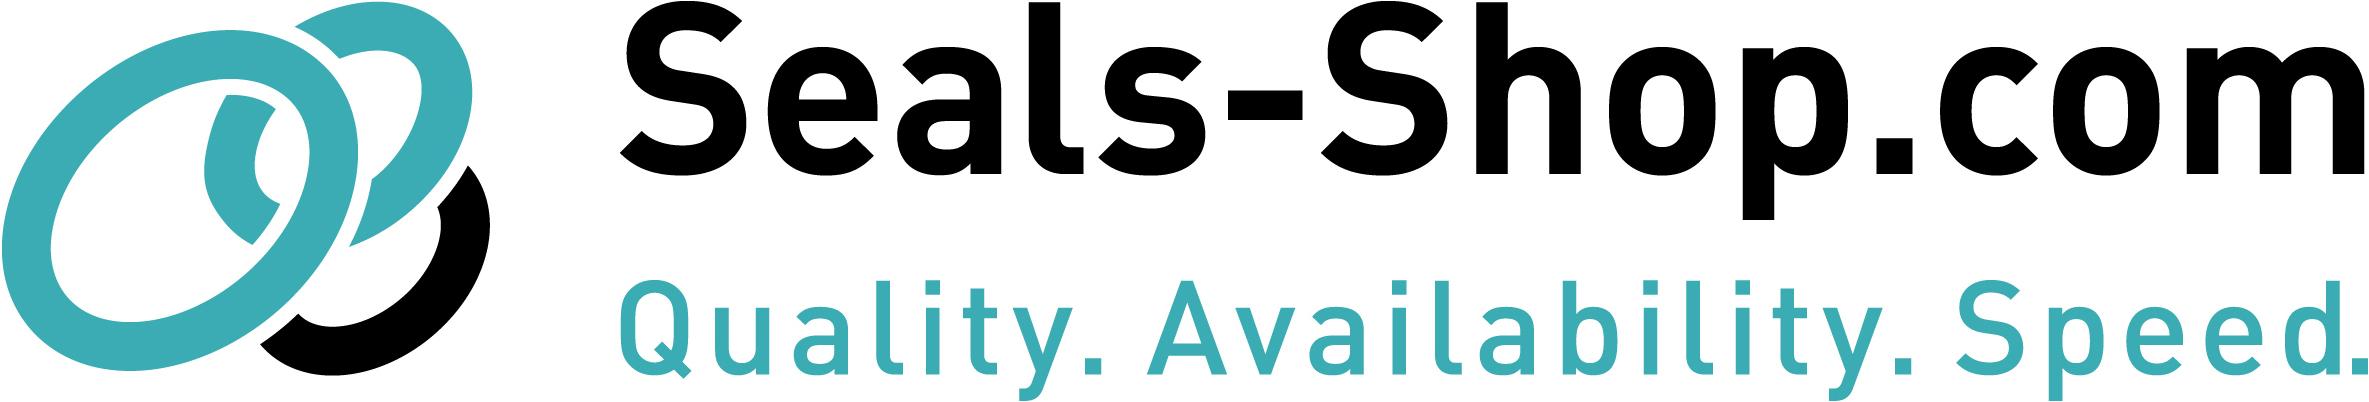 Seals-Shop.com erweitert Zahlungsmethoden ab sofort